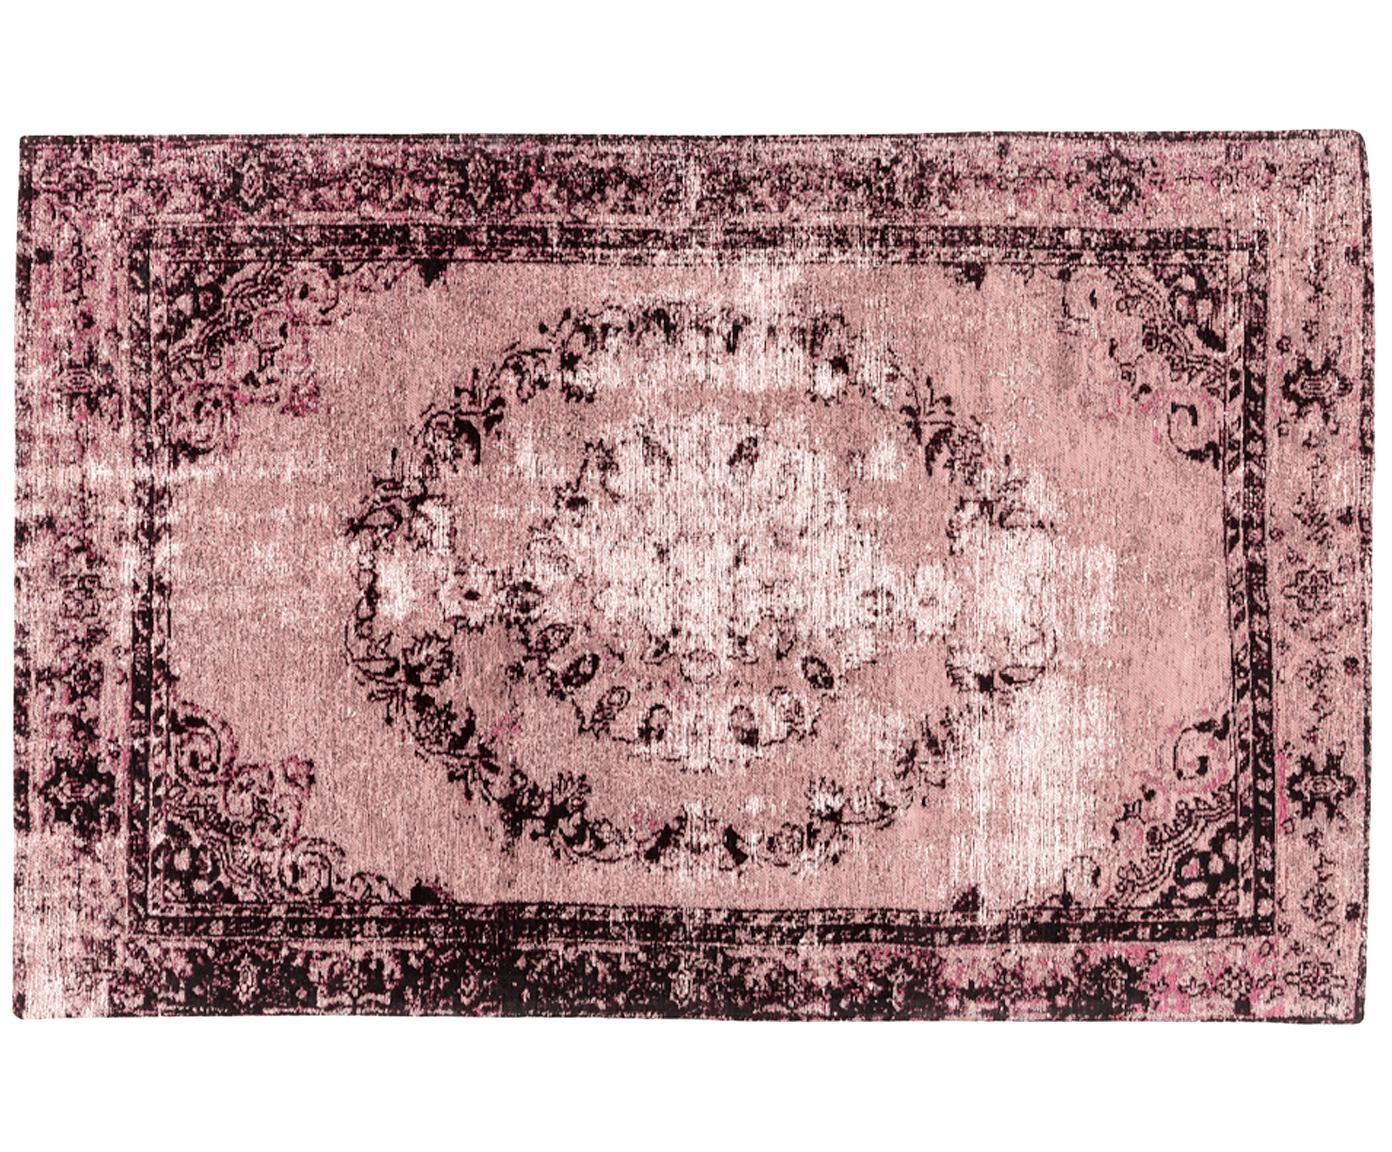 Alfombra artesanal de chenilla Milan, estilo vintage, Parte superior: 95%algodón, 5%poliéster, Reverso: 100%algodón, Colores de bayas, negro, crema, An 120 x L 180 cm (Tamaño S)